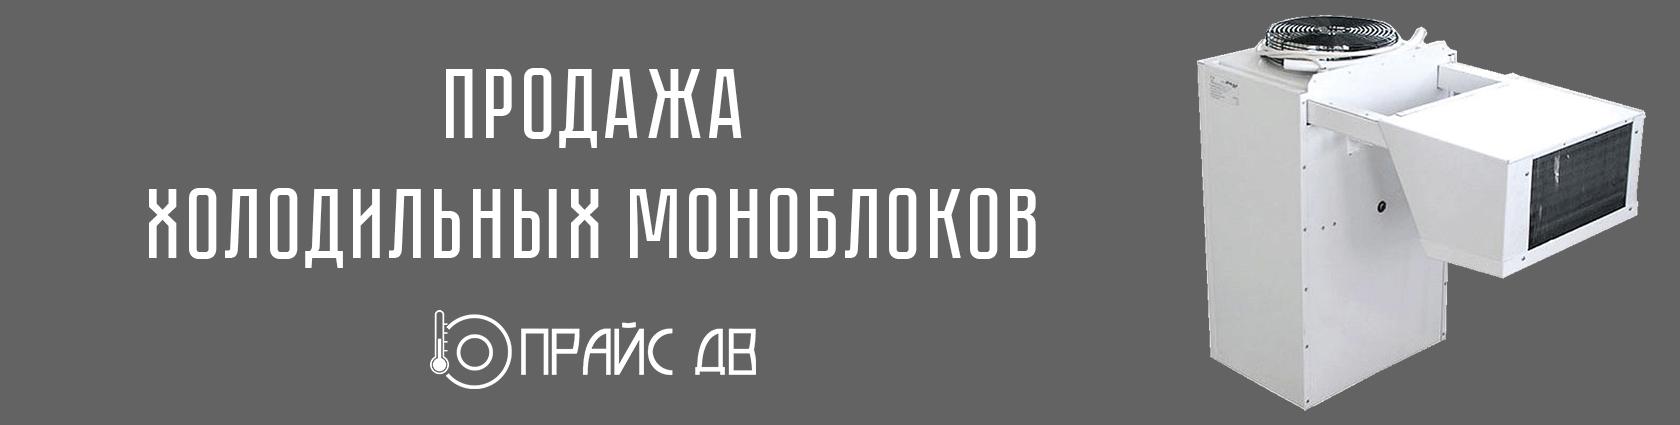 """Мноблоки в интернет-магазине """"Прайс ДВ"""""""